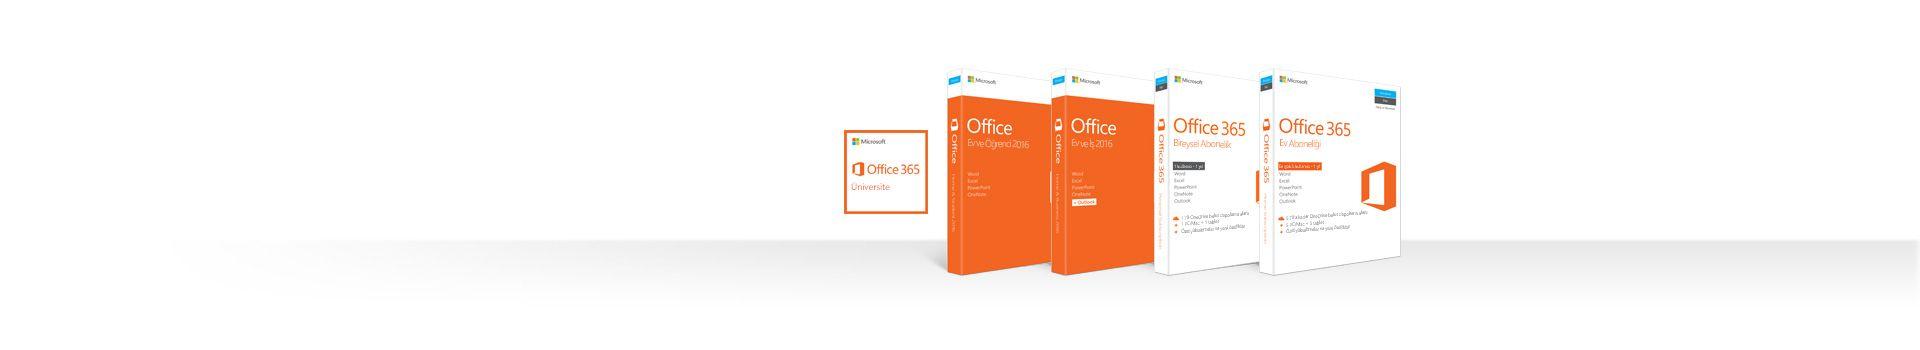 Mac için Office 2016 ve Office 365 ürünlerini içeren bir sıra kutu